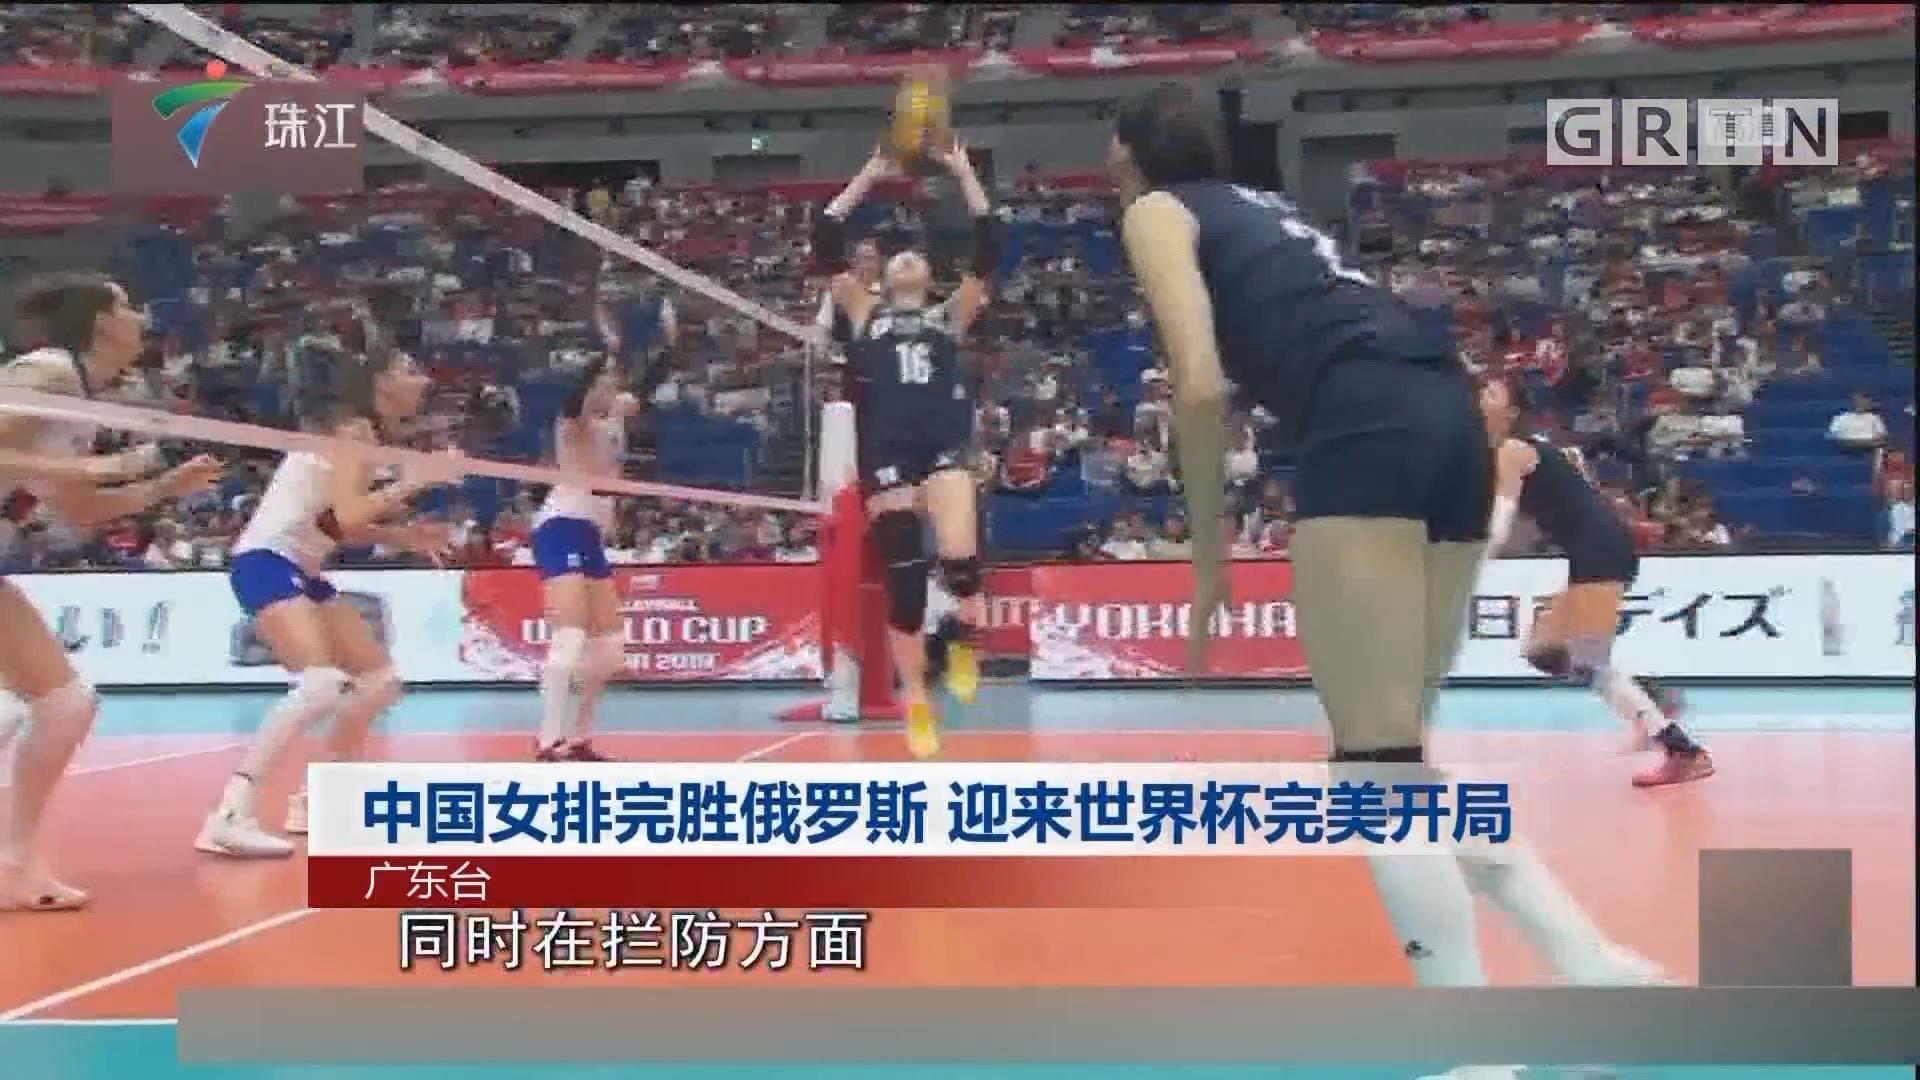 中国女排完胜俄罗斯 迎来世界杯完美开局